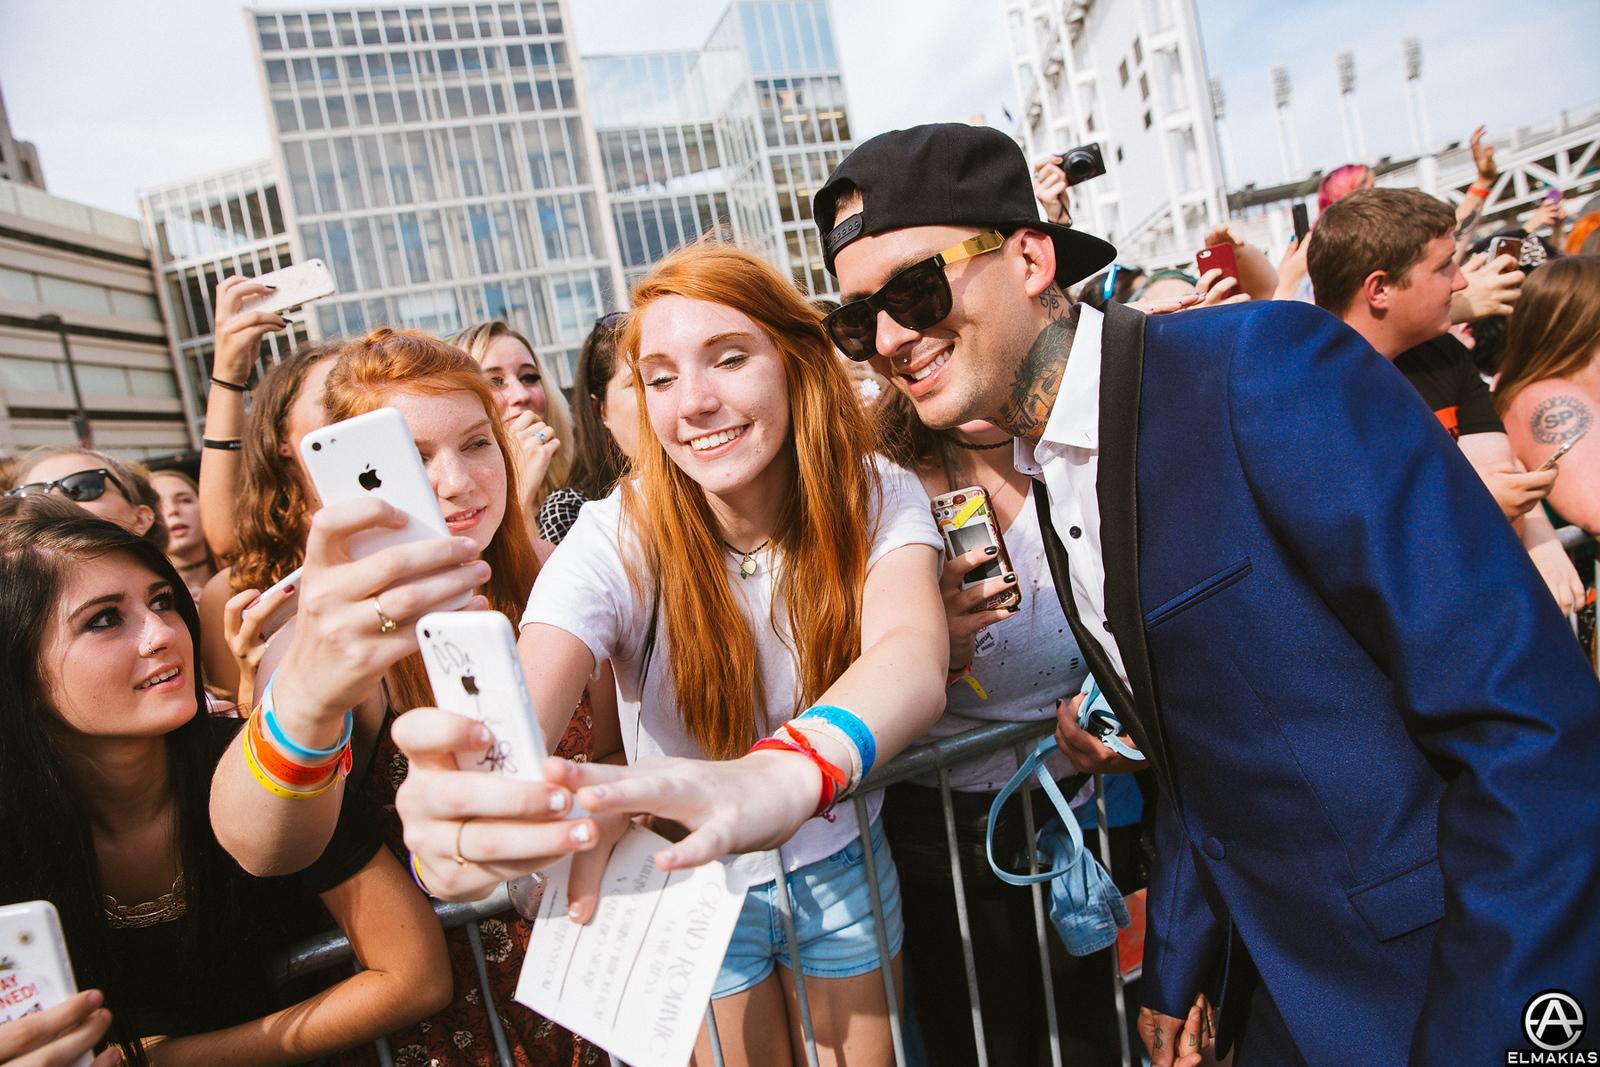 Pierce The Veil selfies at the APMAs 2015 by Adam Elmakias